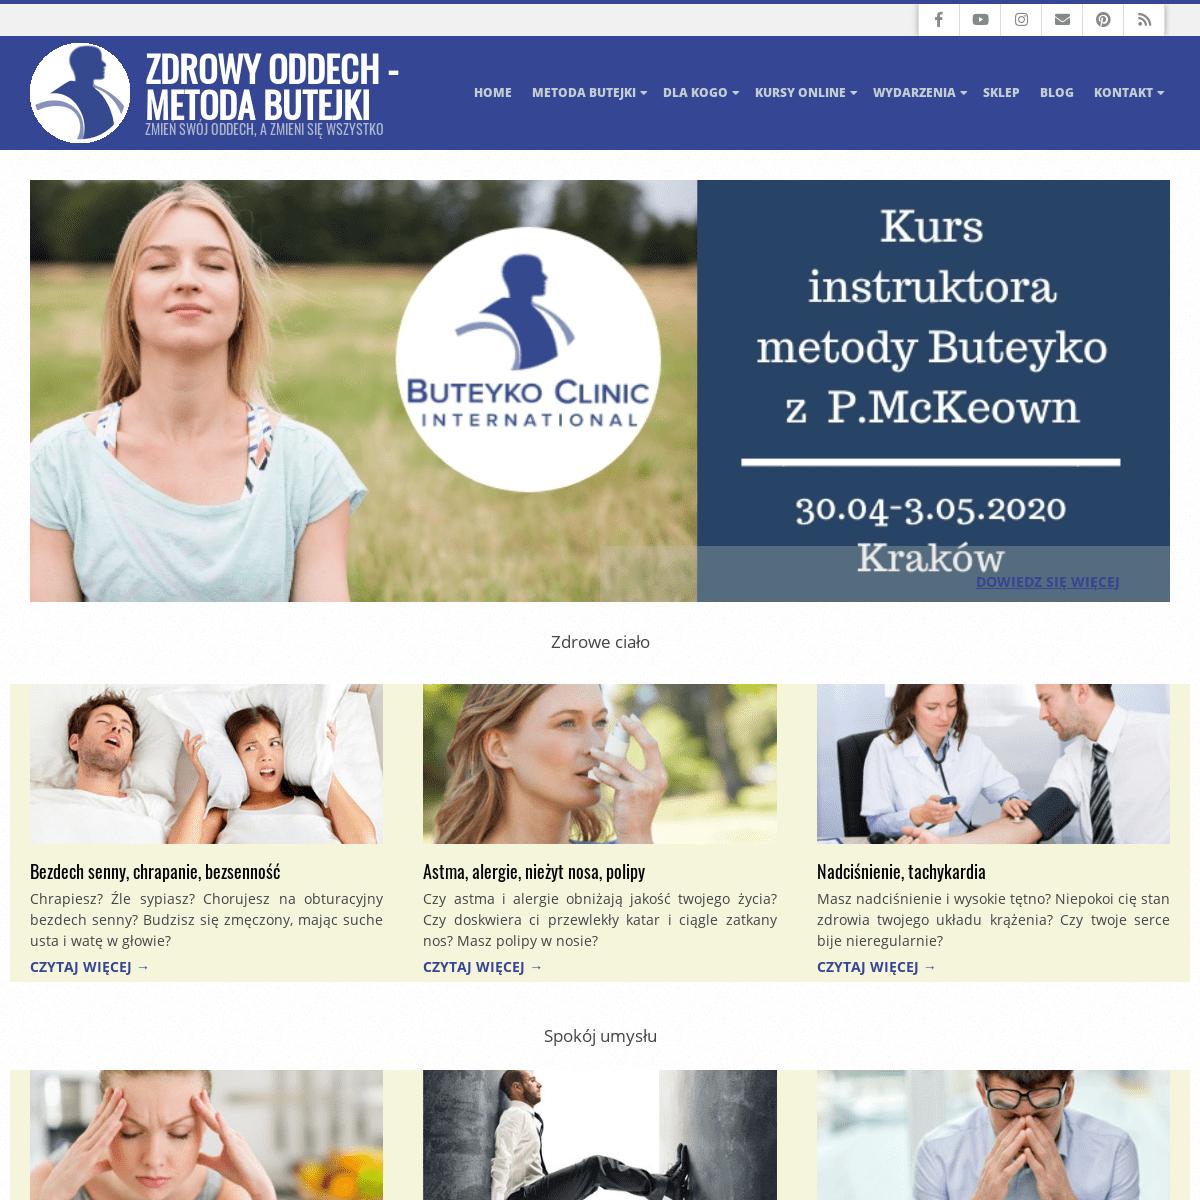 Kursy oddychania - Zdrowy Oddech - Metoda Butejki